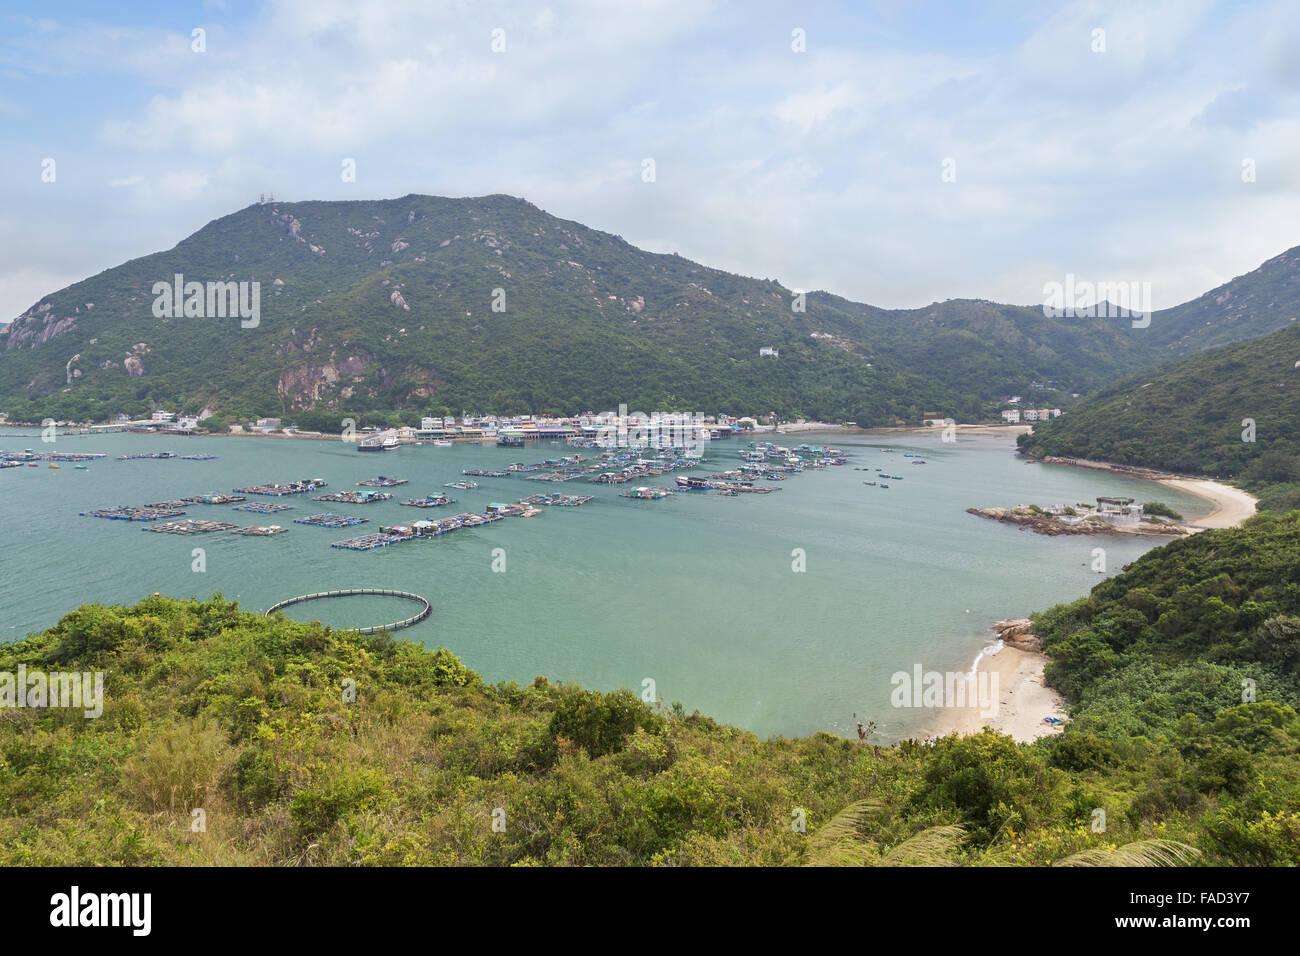 View of Sok Kwu Wan fisher village at the Lamma Island in Hong Kong, China. - Stock Image